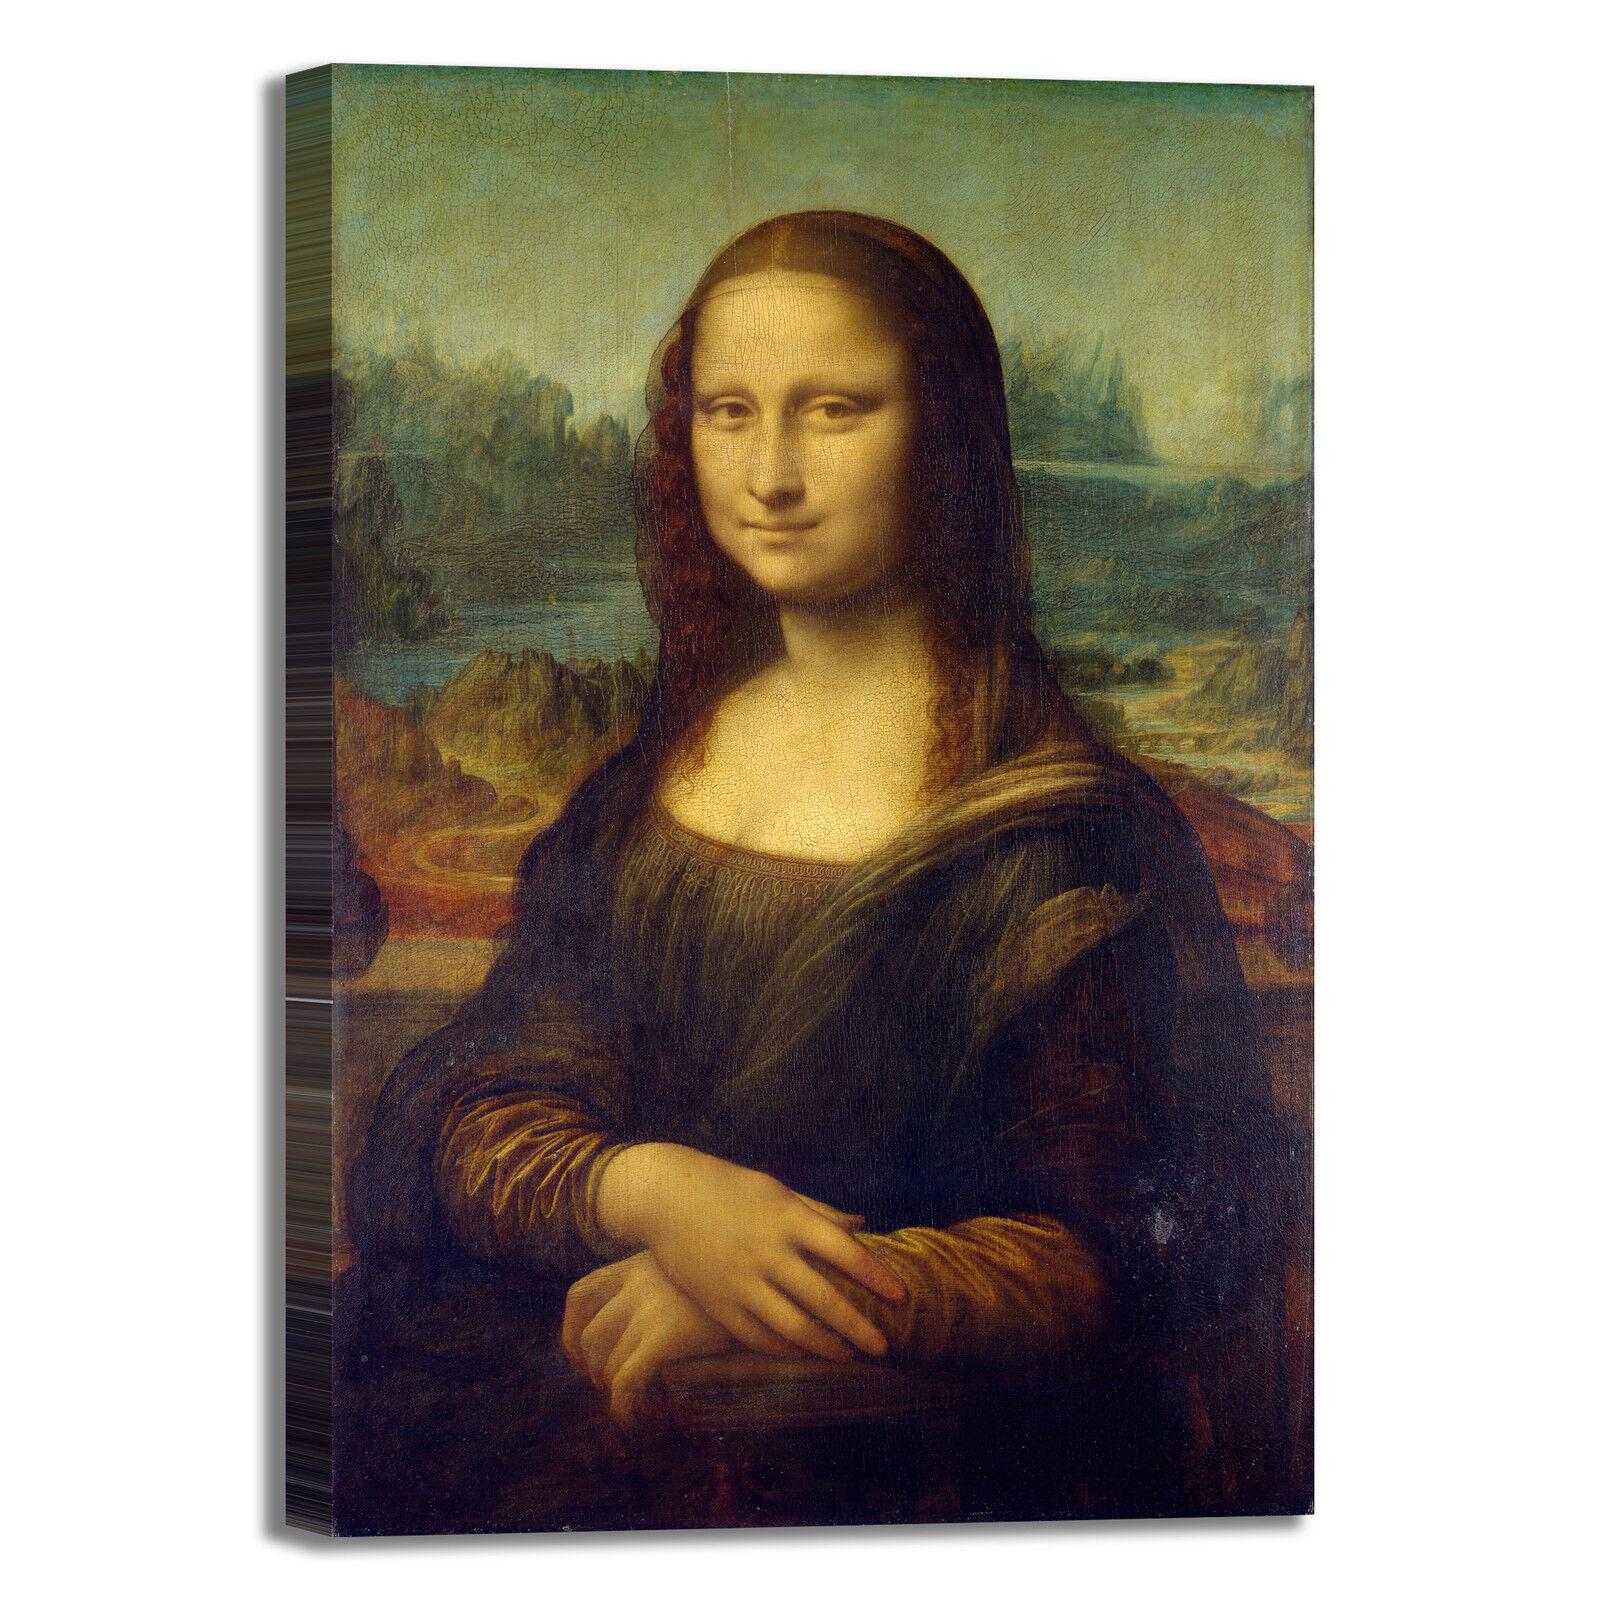 Da Vinci Gioconda Mona Lisa design quadro stampa tela dipinto telaio arrossoo casa